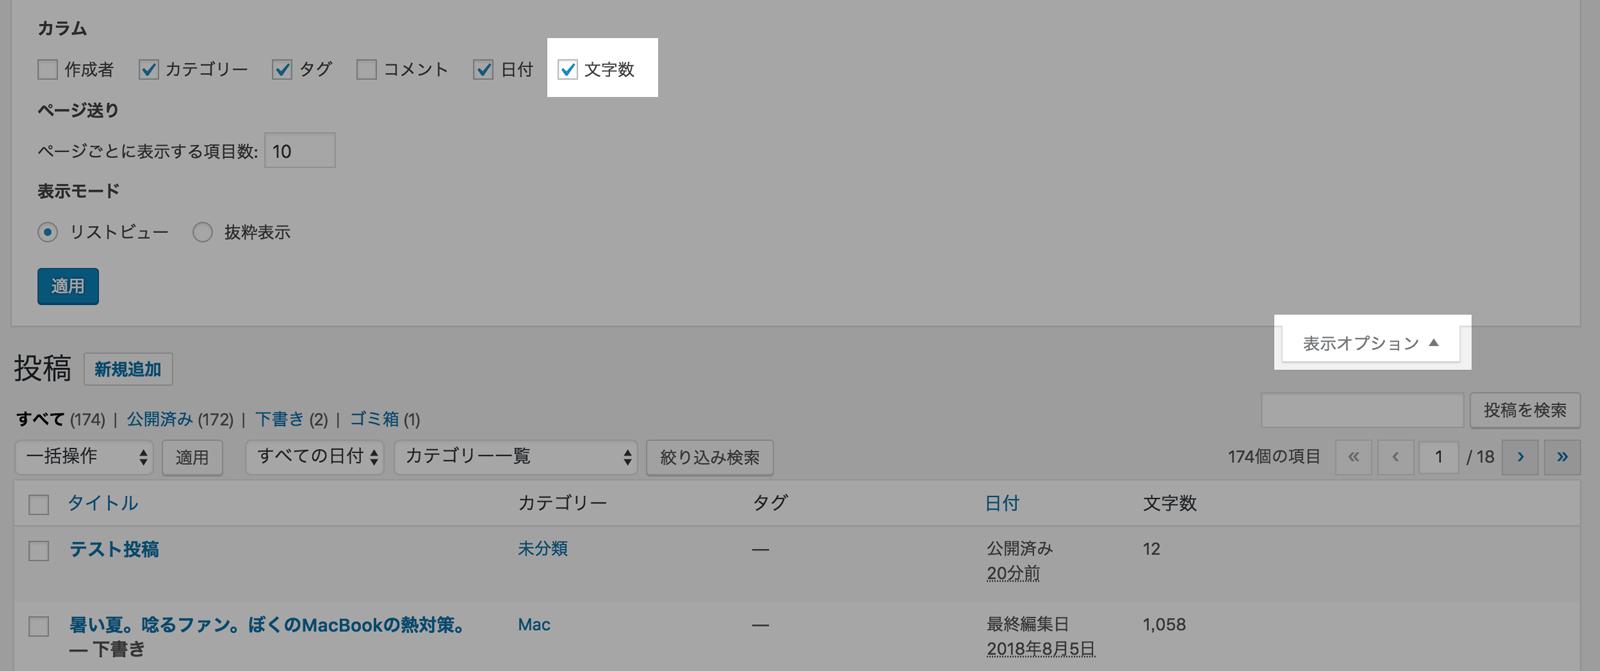 表示オプションで列の表示ON-OFFを切り替える